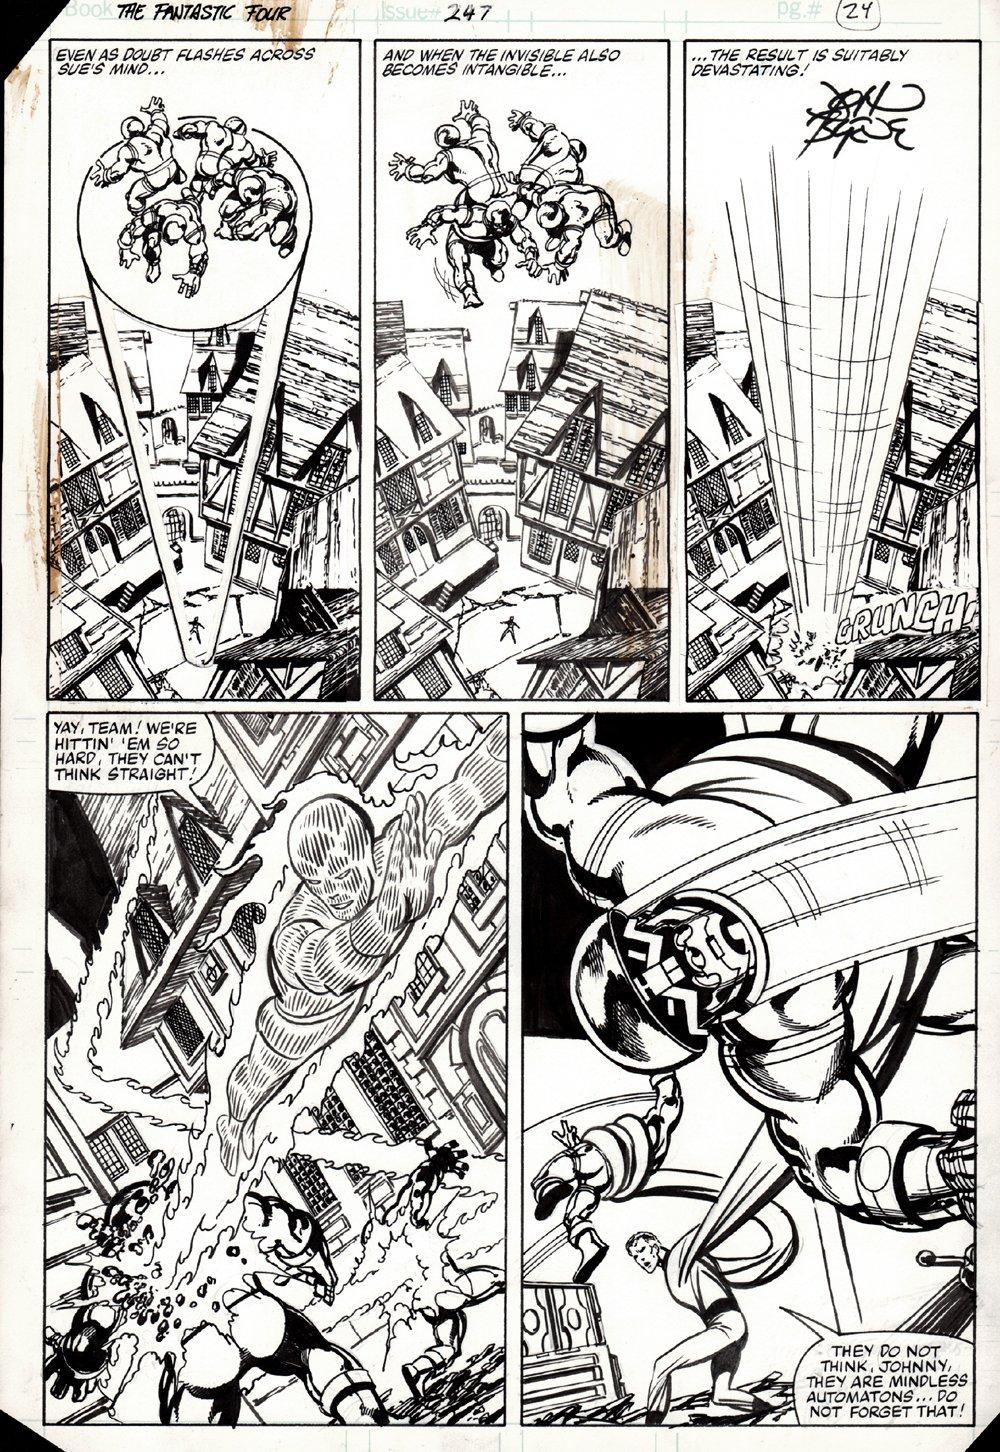 Fantastic Four #247 p 24 (1982)